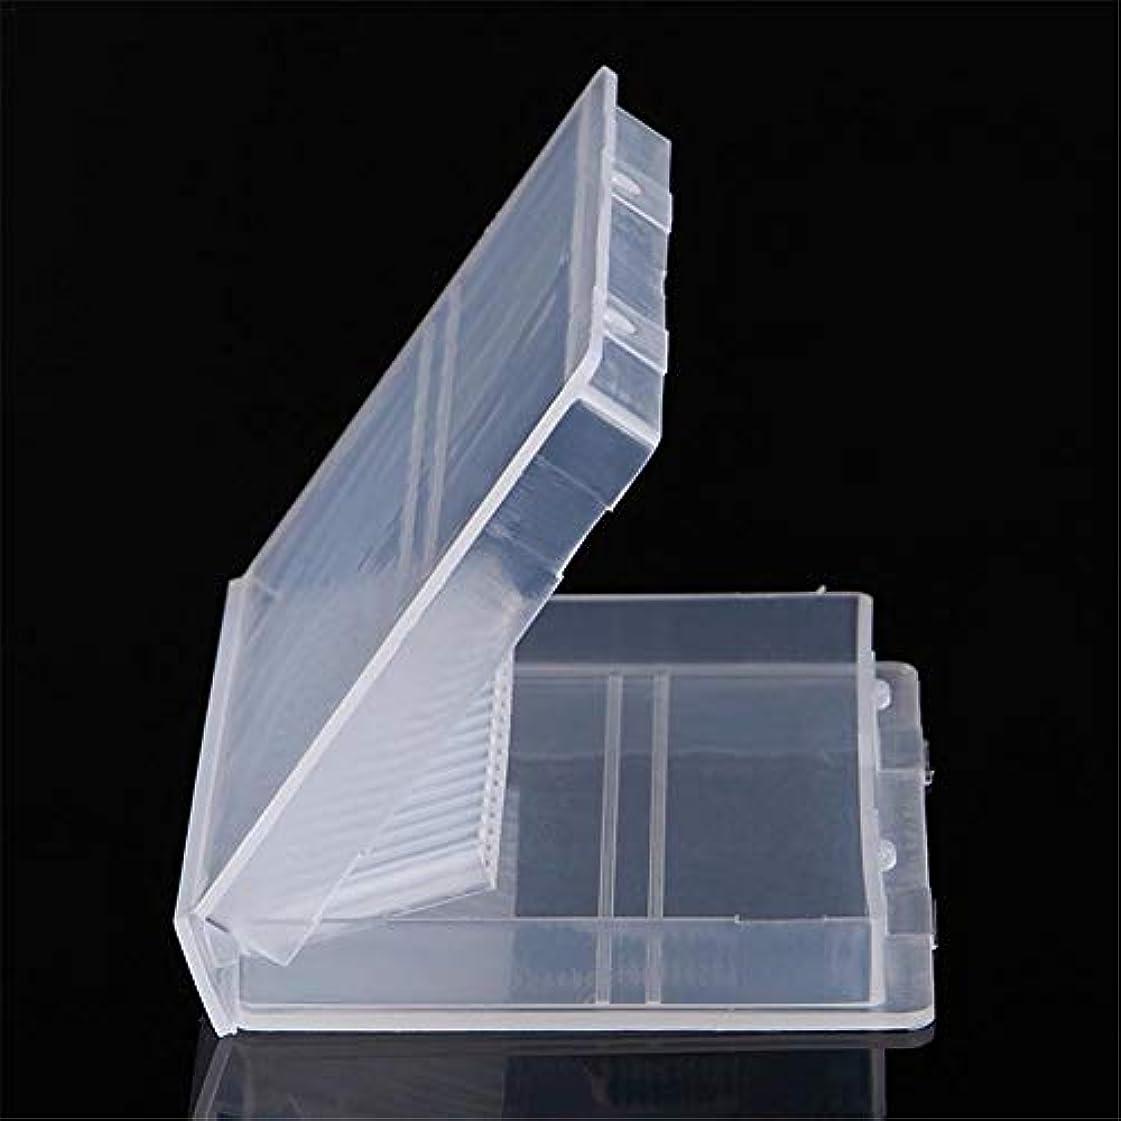 若い付添人格納ネイルドリル 収納ケース ネイルビッドセット 研削ネイル用 透明 プラスチック 20穴 ネイル研削ヘッド収納ボックス パーツボックス パーツケース アクセサリー収納